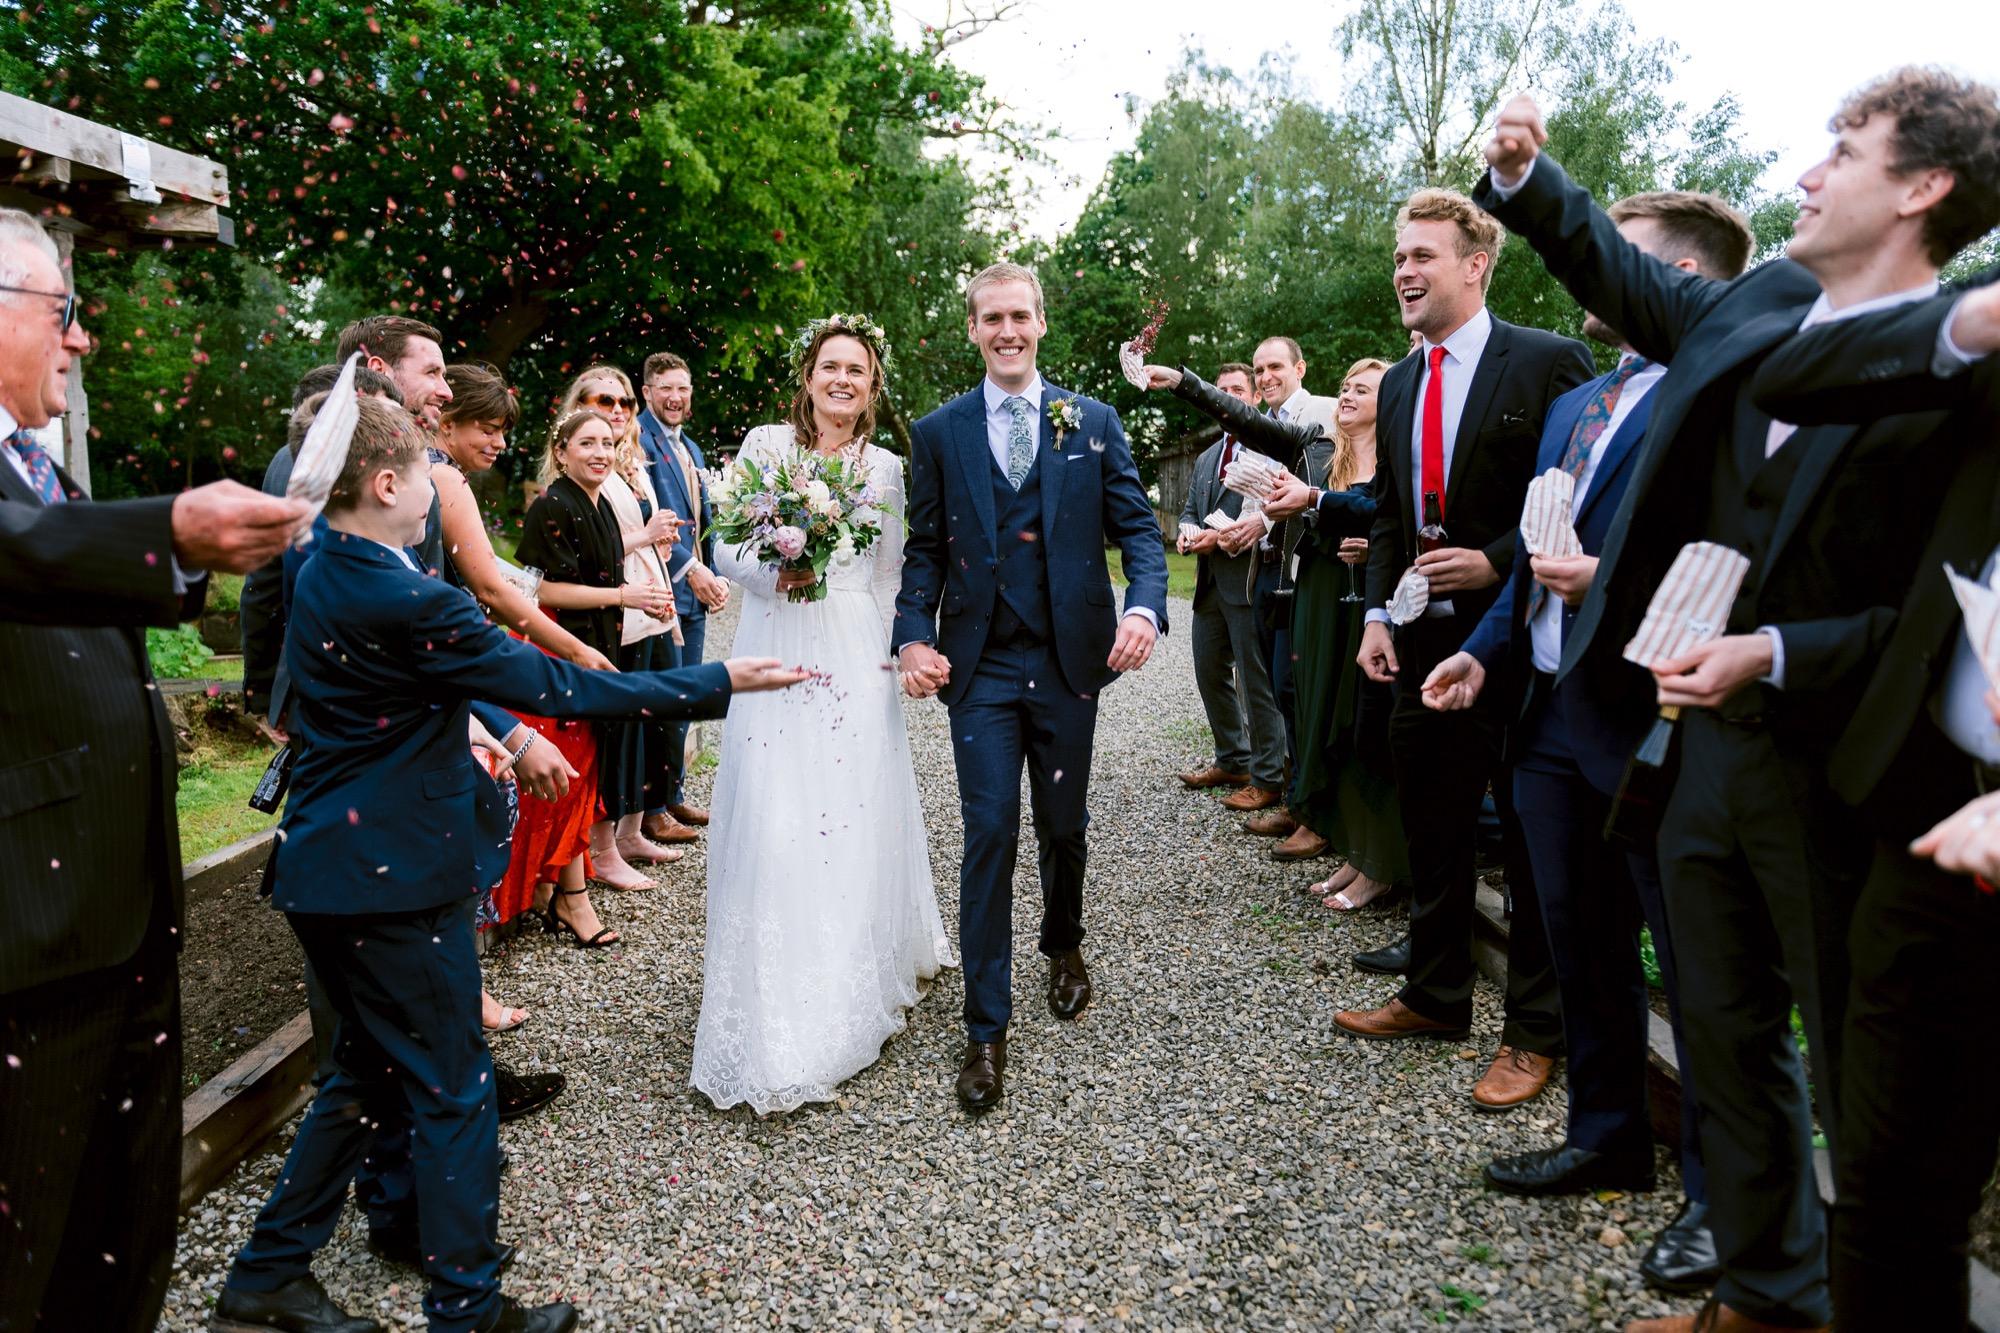 Nessa and Mark wedding 08 06 19-532.jpg